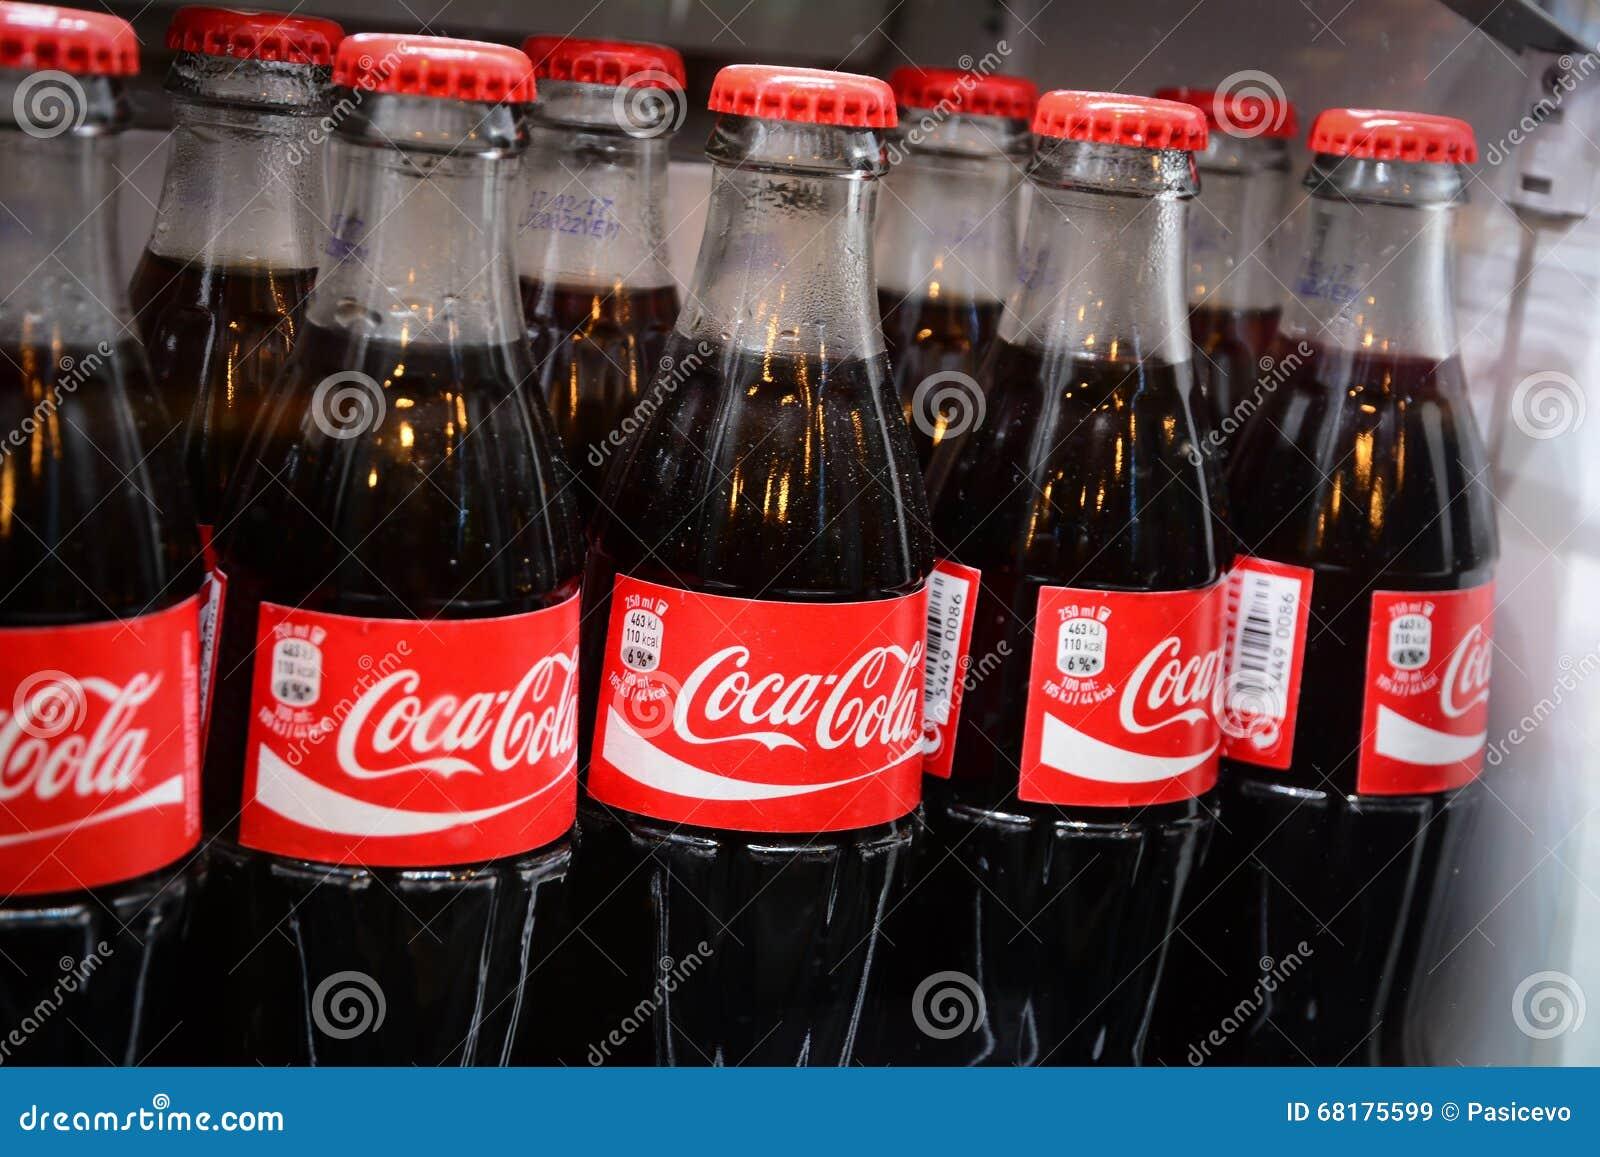 Kühlschrank Coco Cola : Flaschen des berühmten getränks der coca cola im kühlschrank